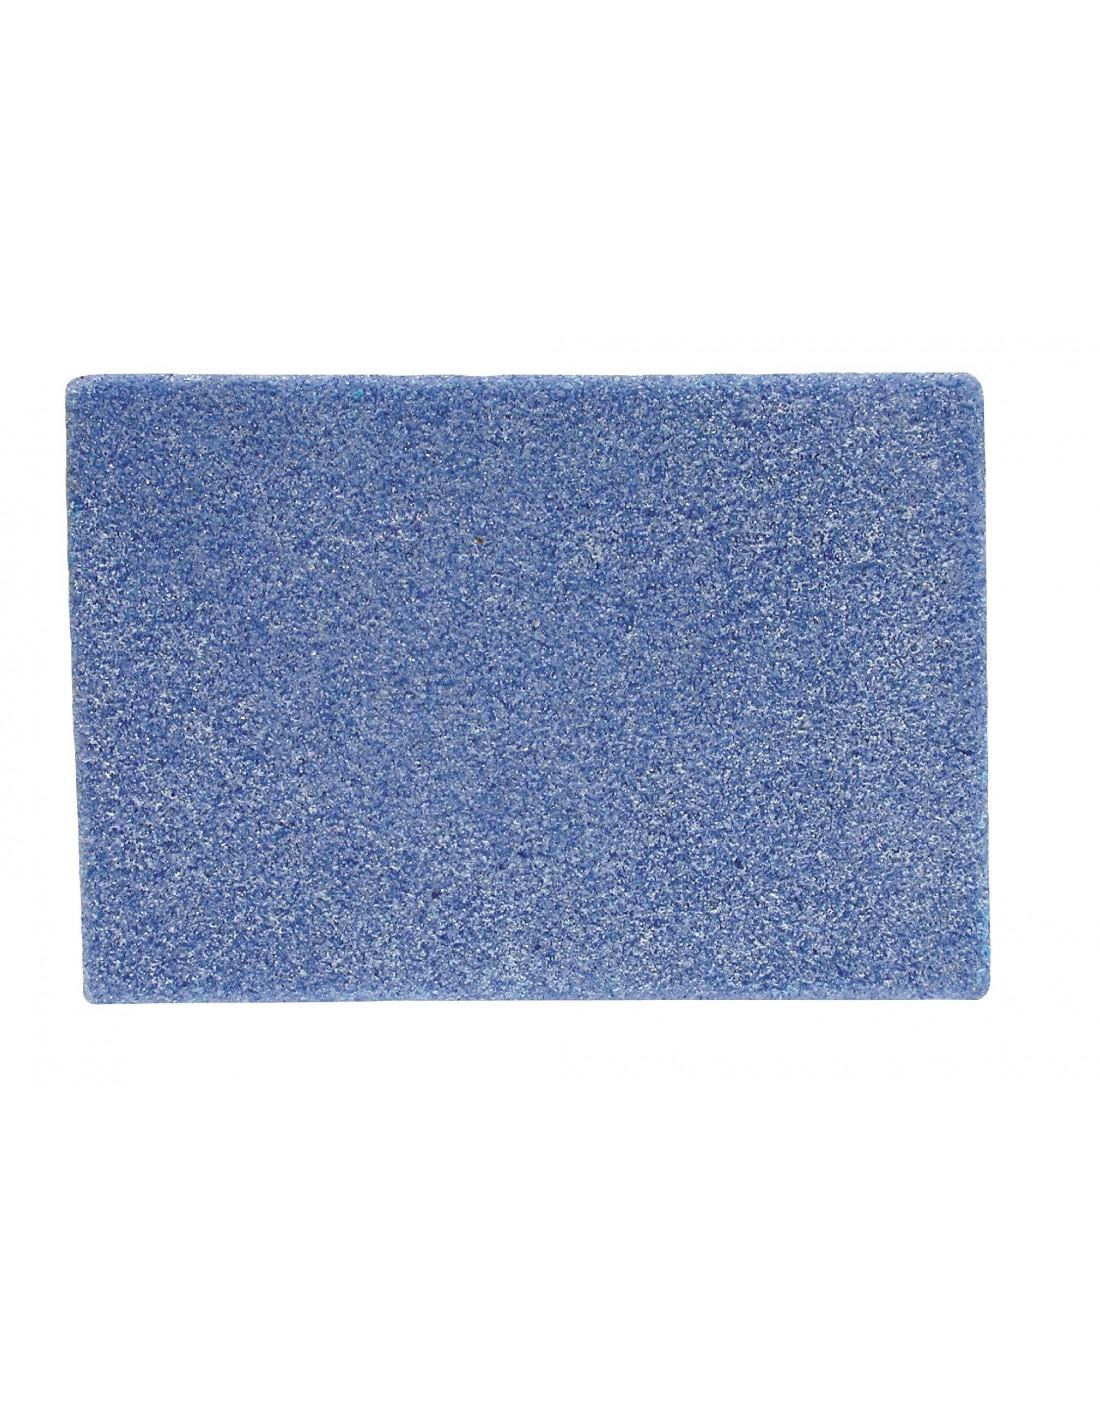 Segment Stone Blue Tools - Schleifsteine,